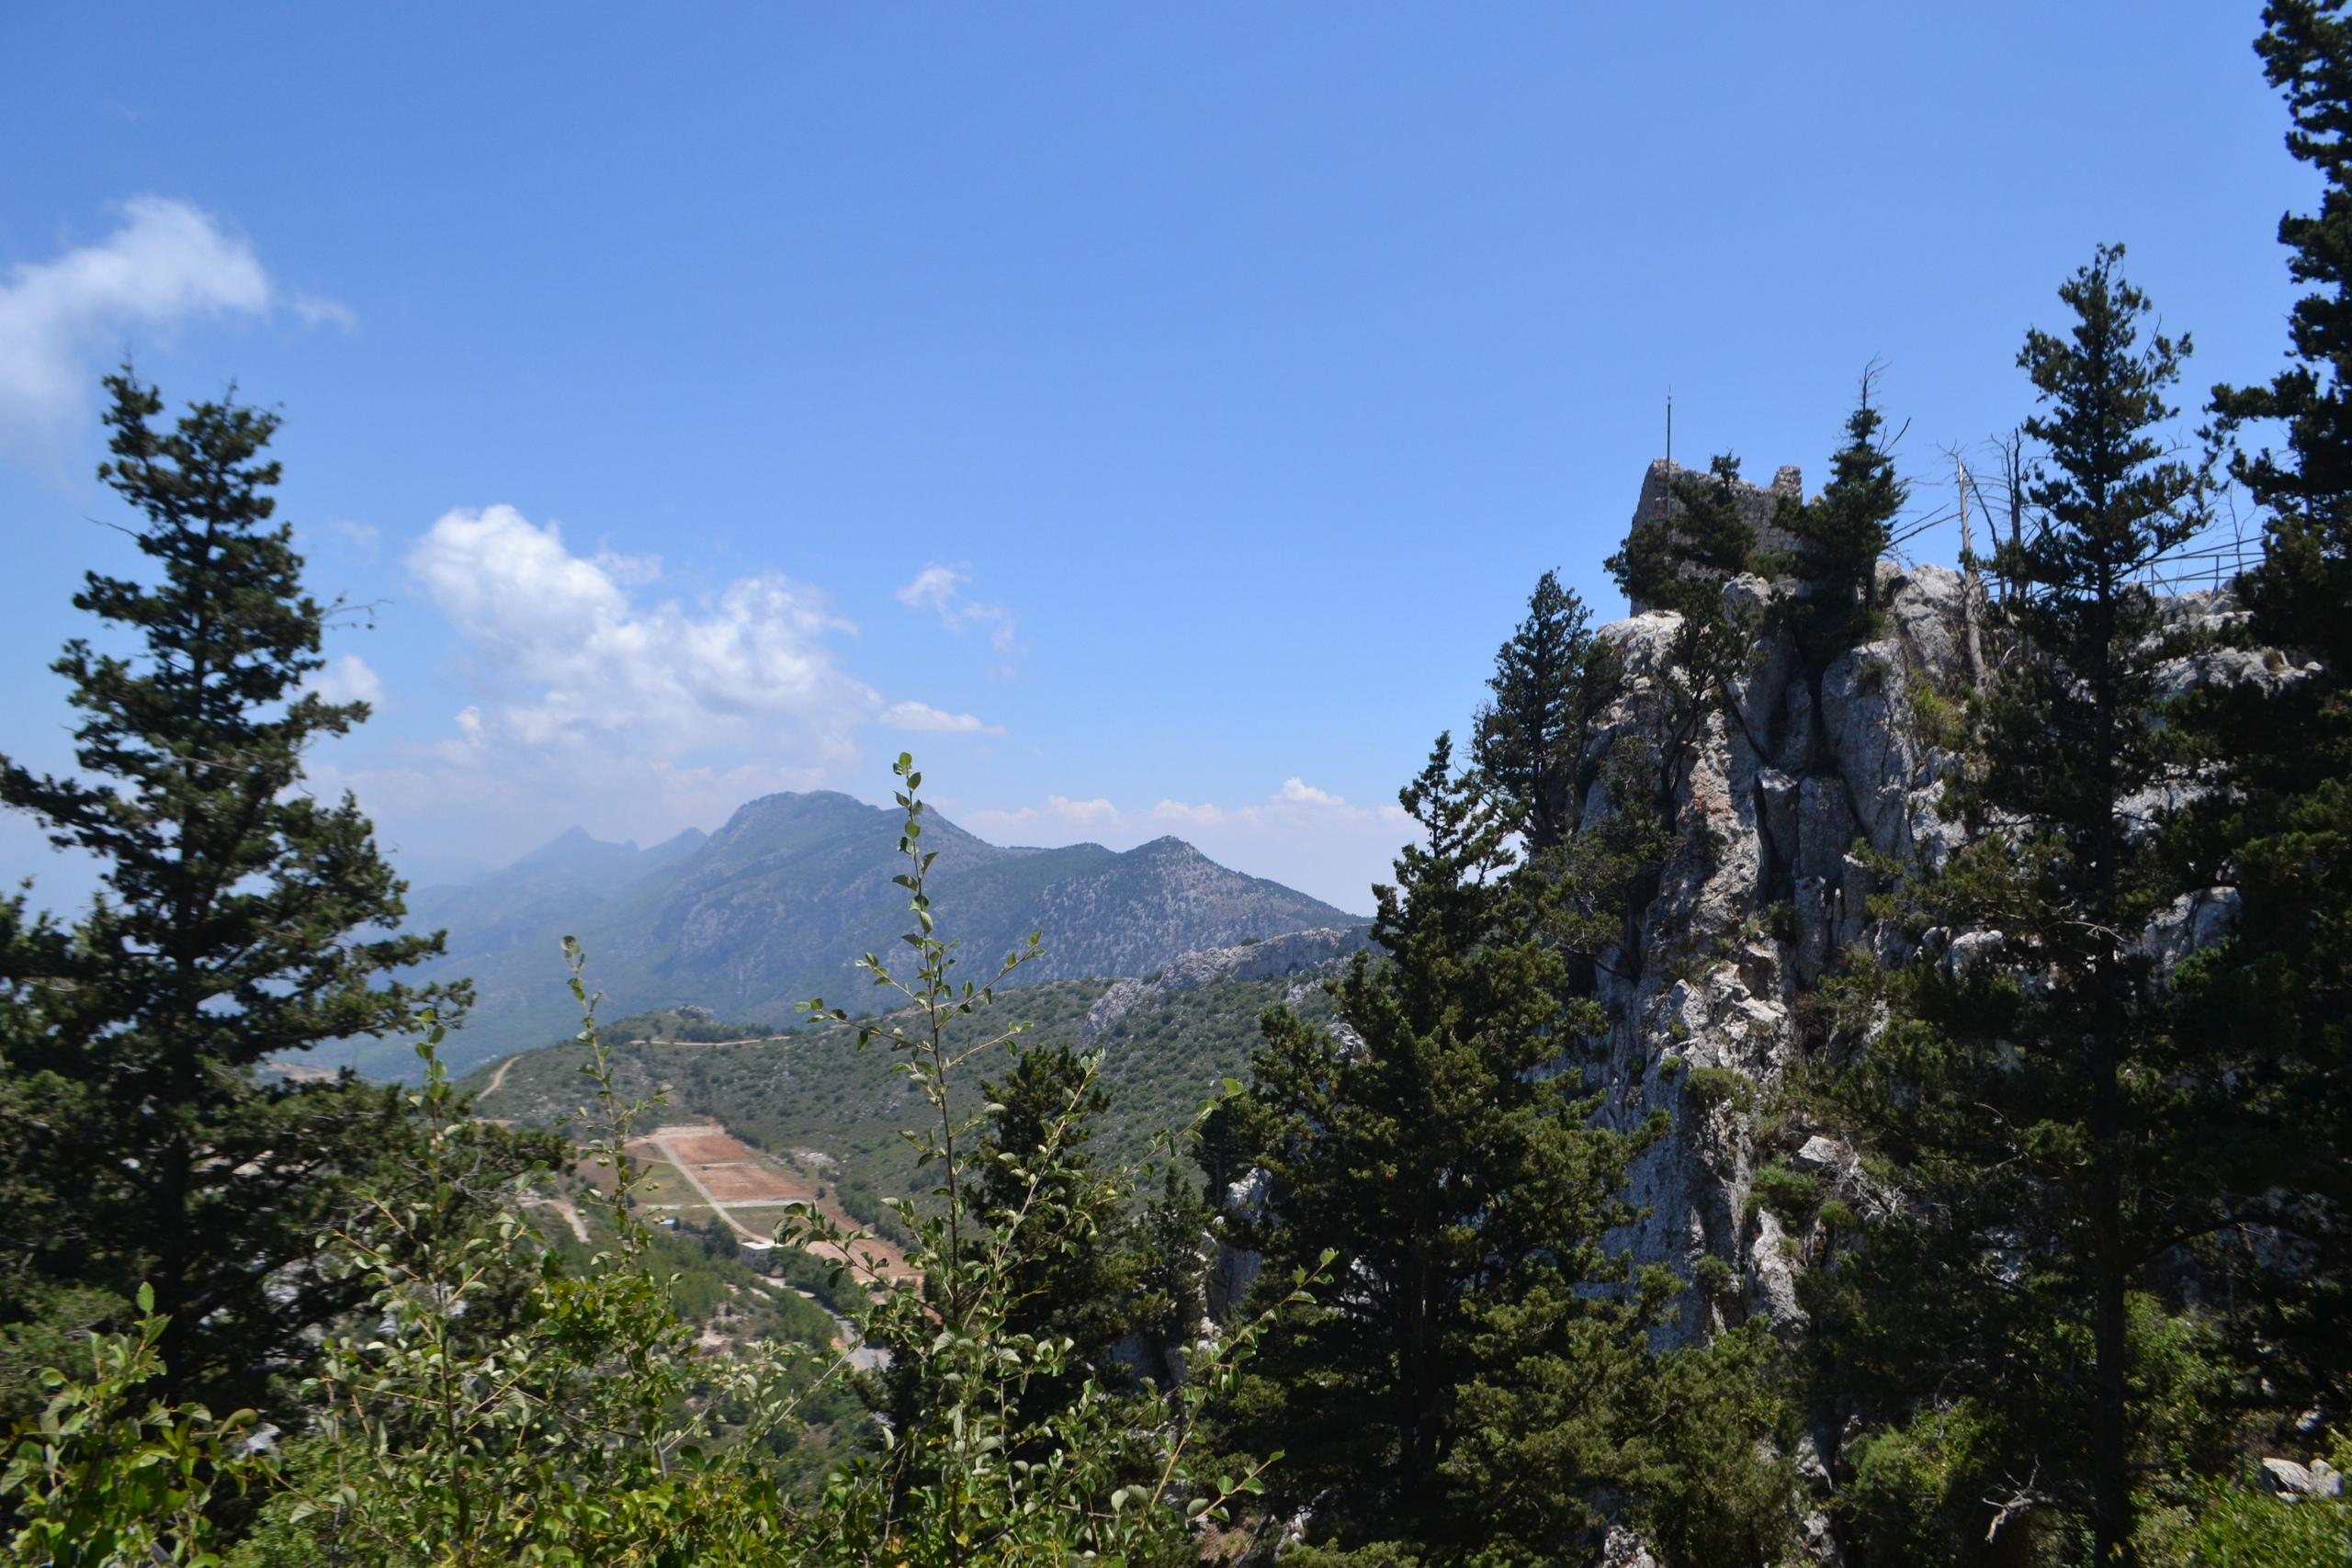 Северный Кипр. Замок Святого Иллариона. (фото). - Страница 3 Gw1Y8rc6C90